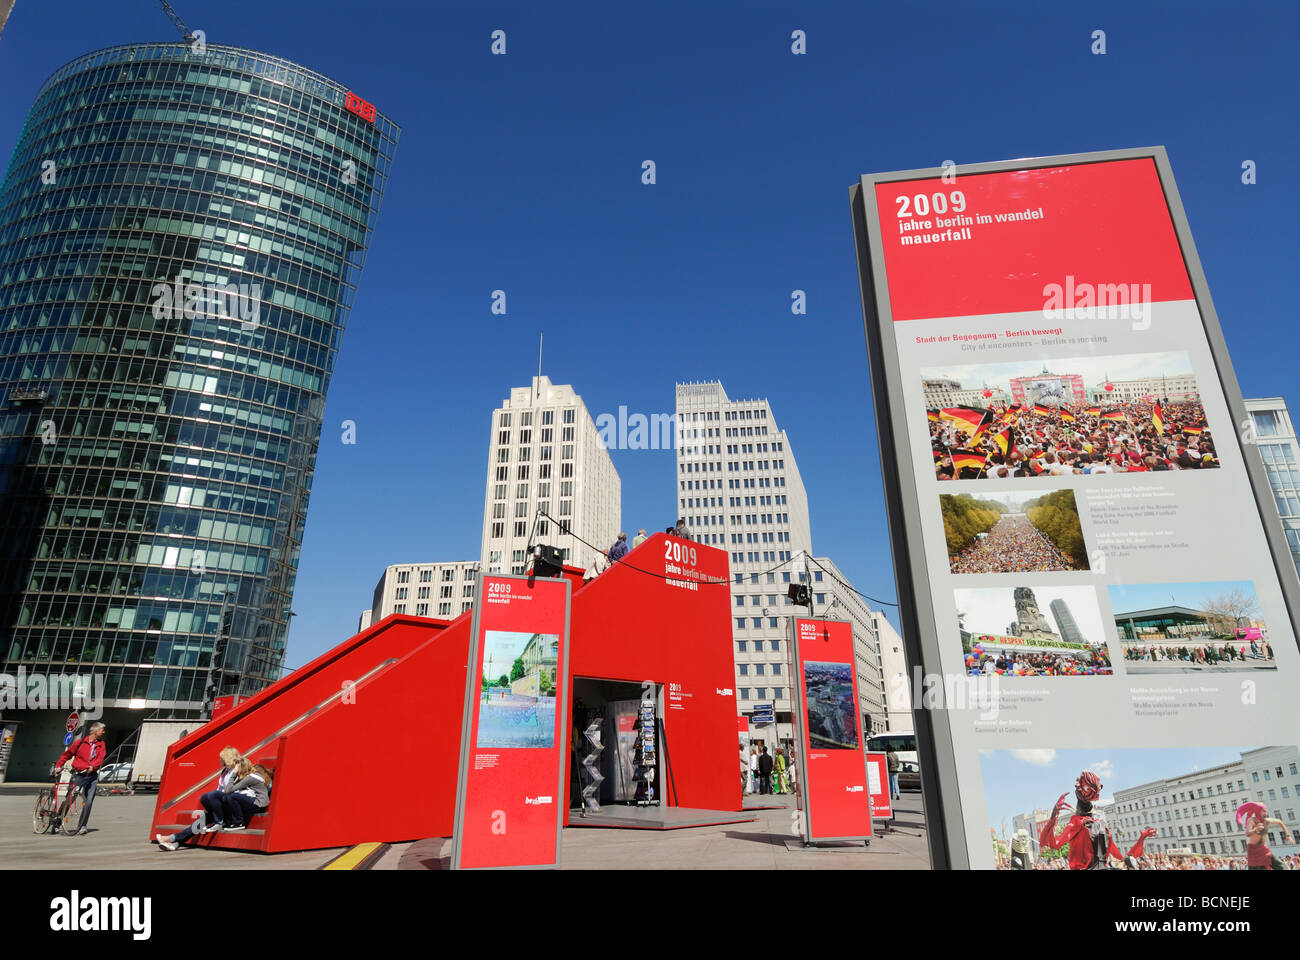 Exposition sur l'Allemagne Berlin Potsdamer Platz commémorant 20 années depuis la chute du mur de Berlin Banque D'Images